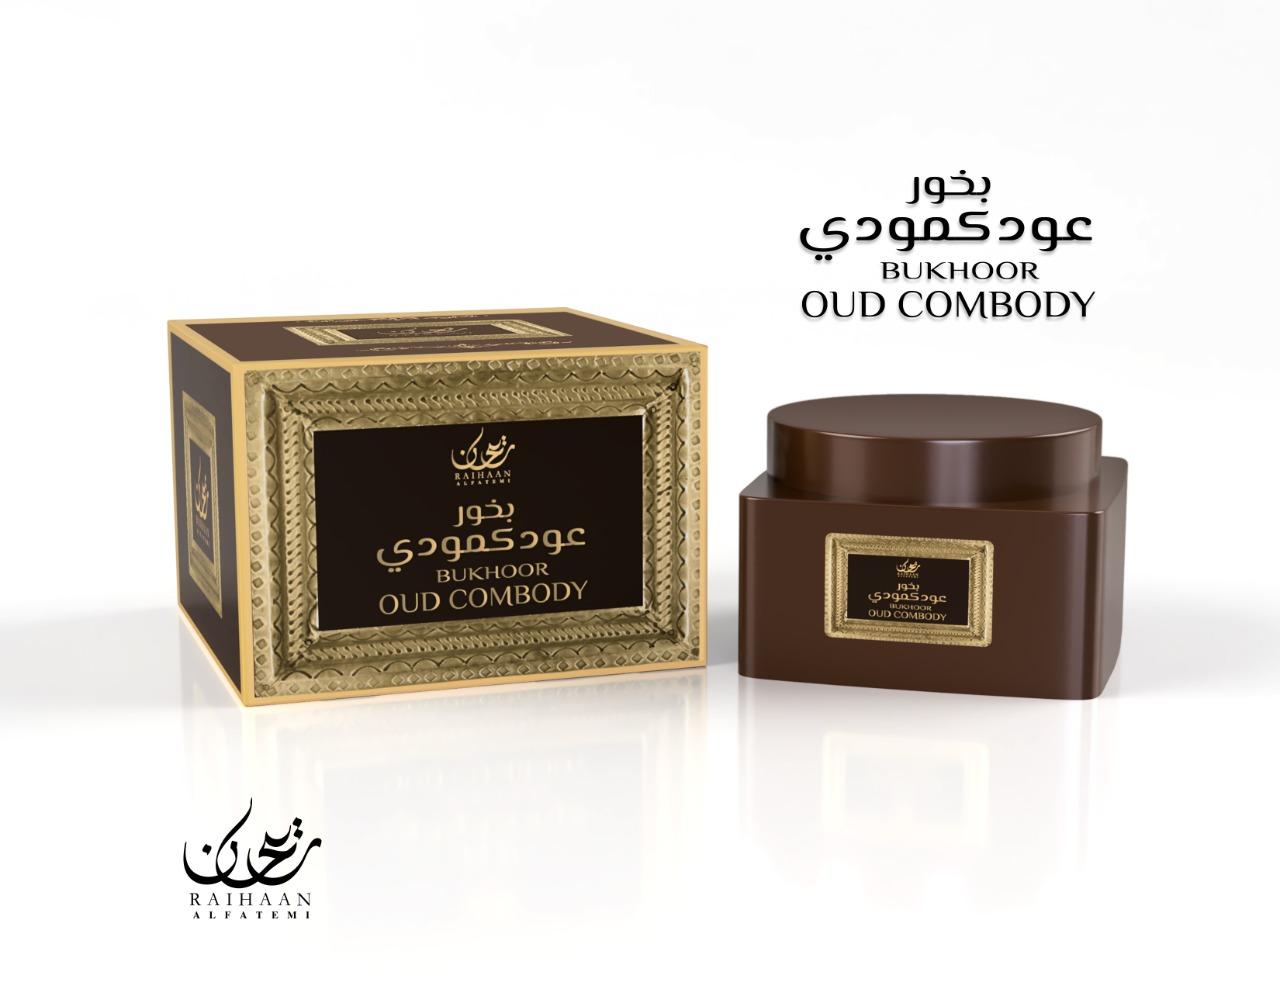 Bukhoor Oud Combody - Raihaan fabriqué à partir de copeaux de bois d'agar naturel et imbibé d'huiles parfumées odorantes.Contenance: 70gr.